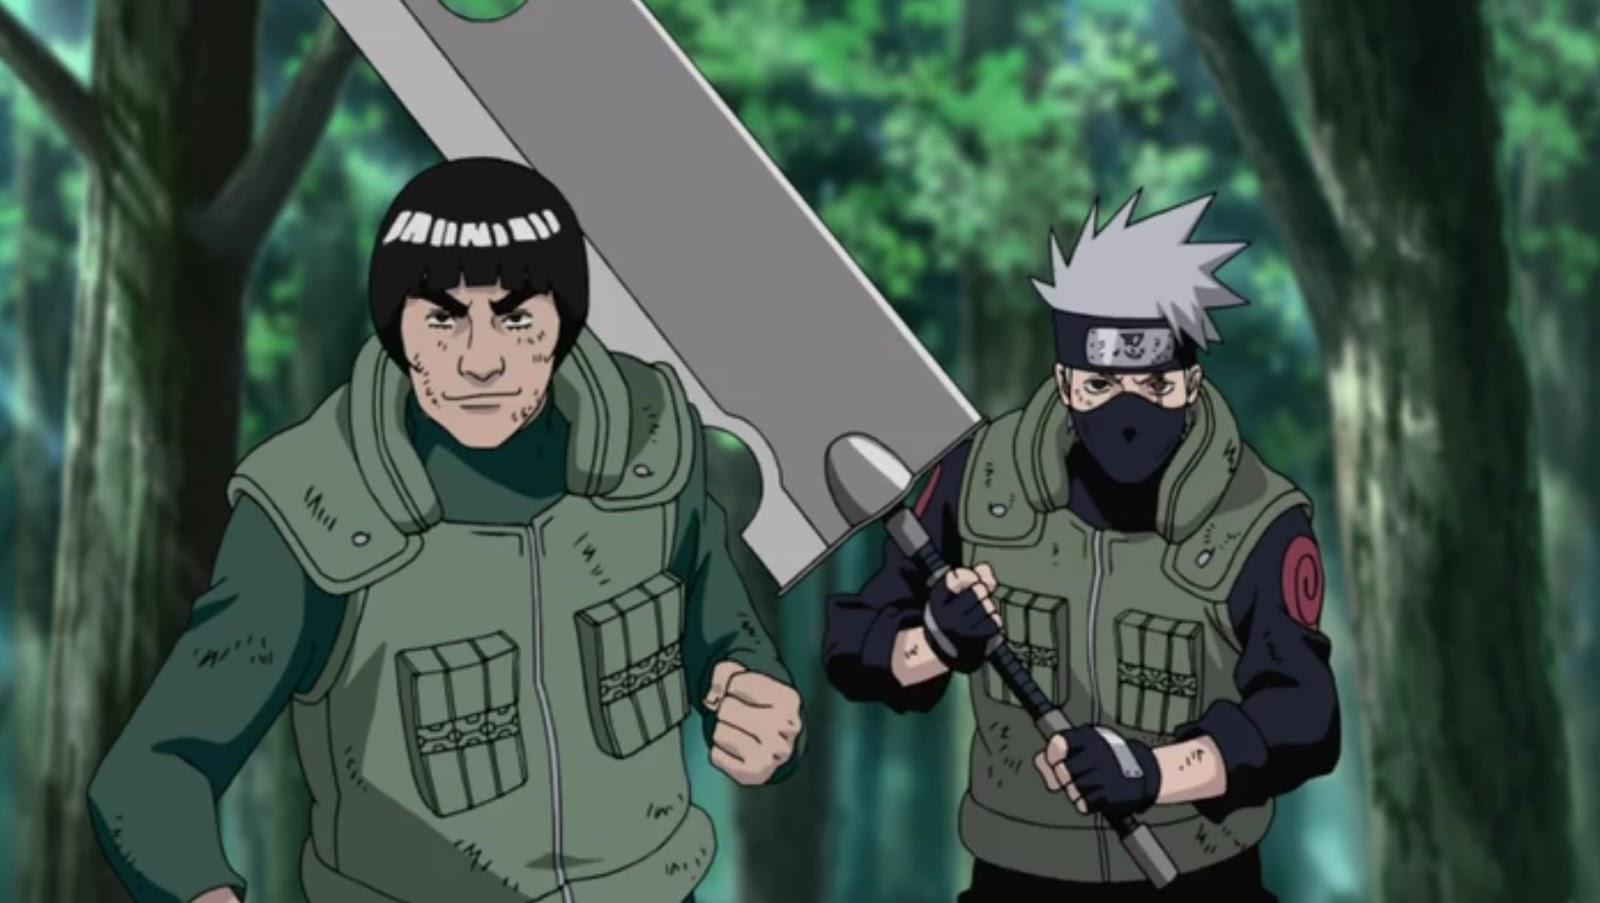 Naruto Shippuden Episódio 288, Assistir Naruto Shippuden Episódio 288, Assistir Naruto Shippuden Todos os Episódios Legendado, Naruto Shippuden episódio 288,HD